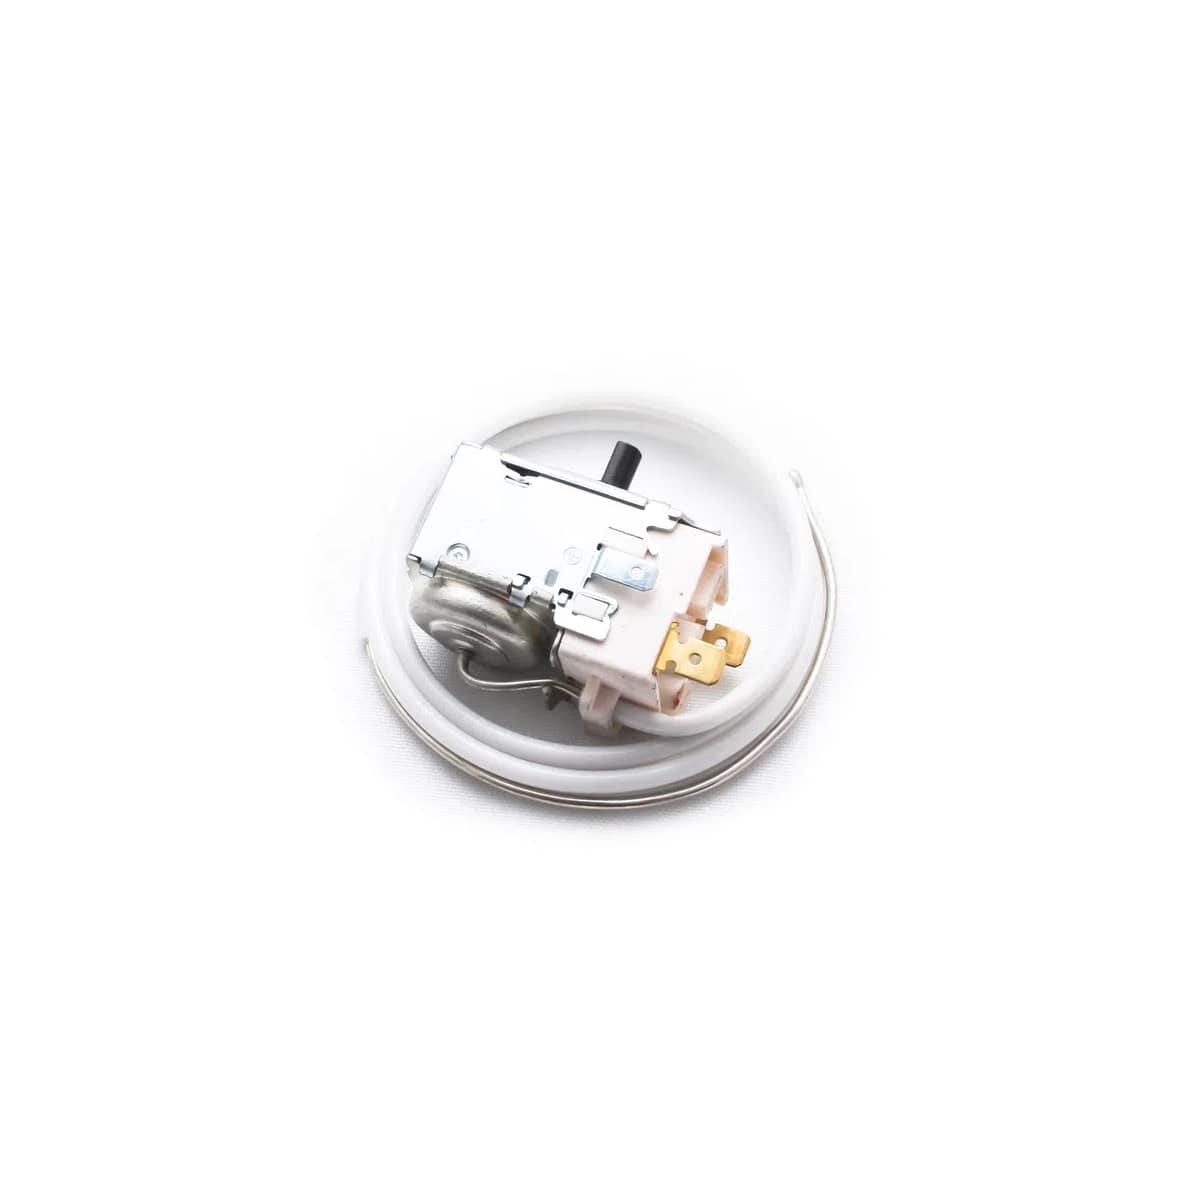 Termostato Original Para Geladeira Consul - W11082463